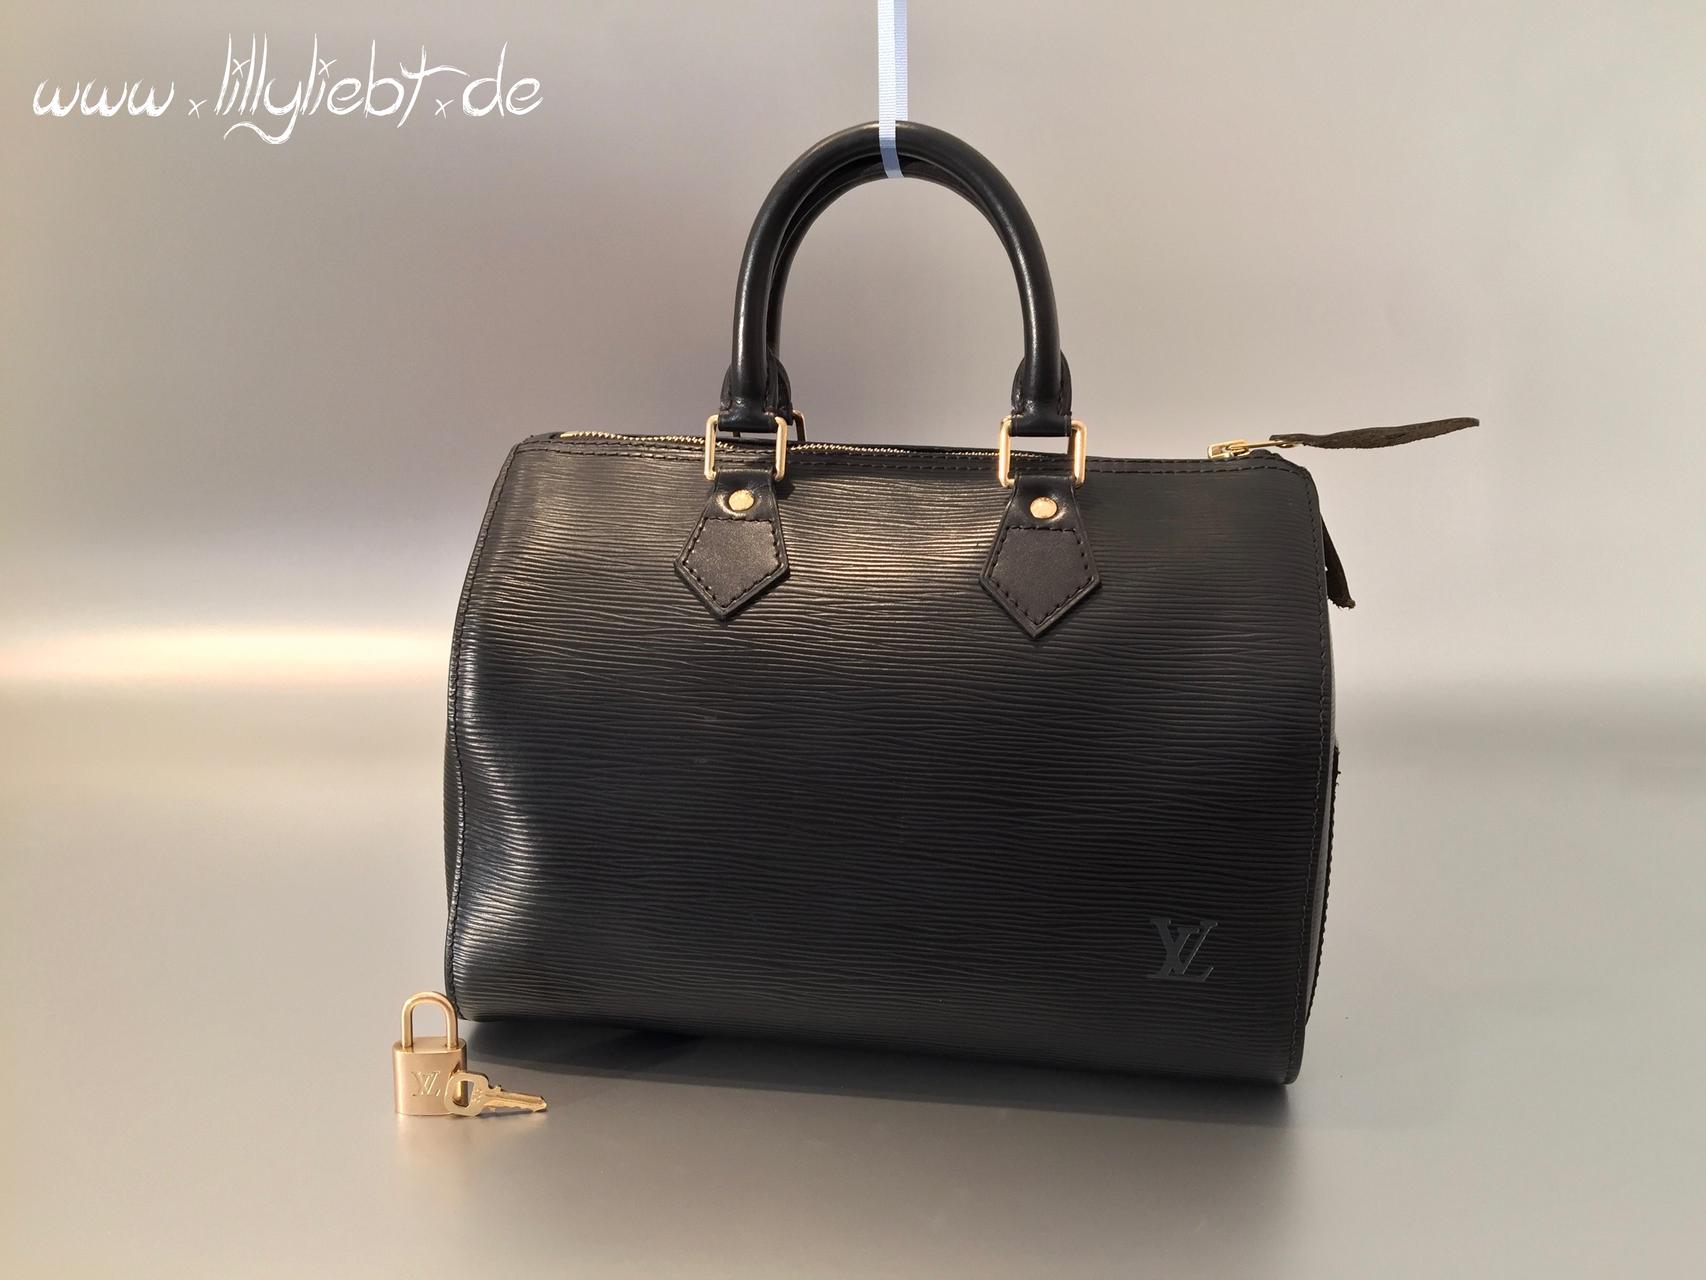 6cc98be38a4c8 Louis Vuitton Epi Speedy 25 in Schwarz - Ankauf   Verkauf Second ...